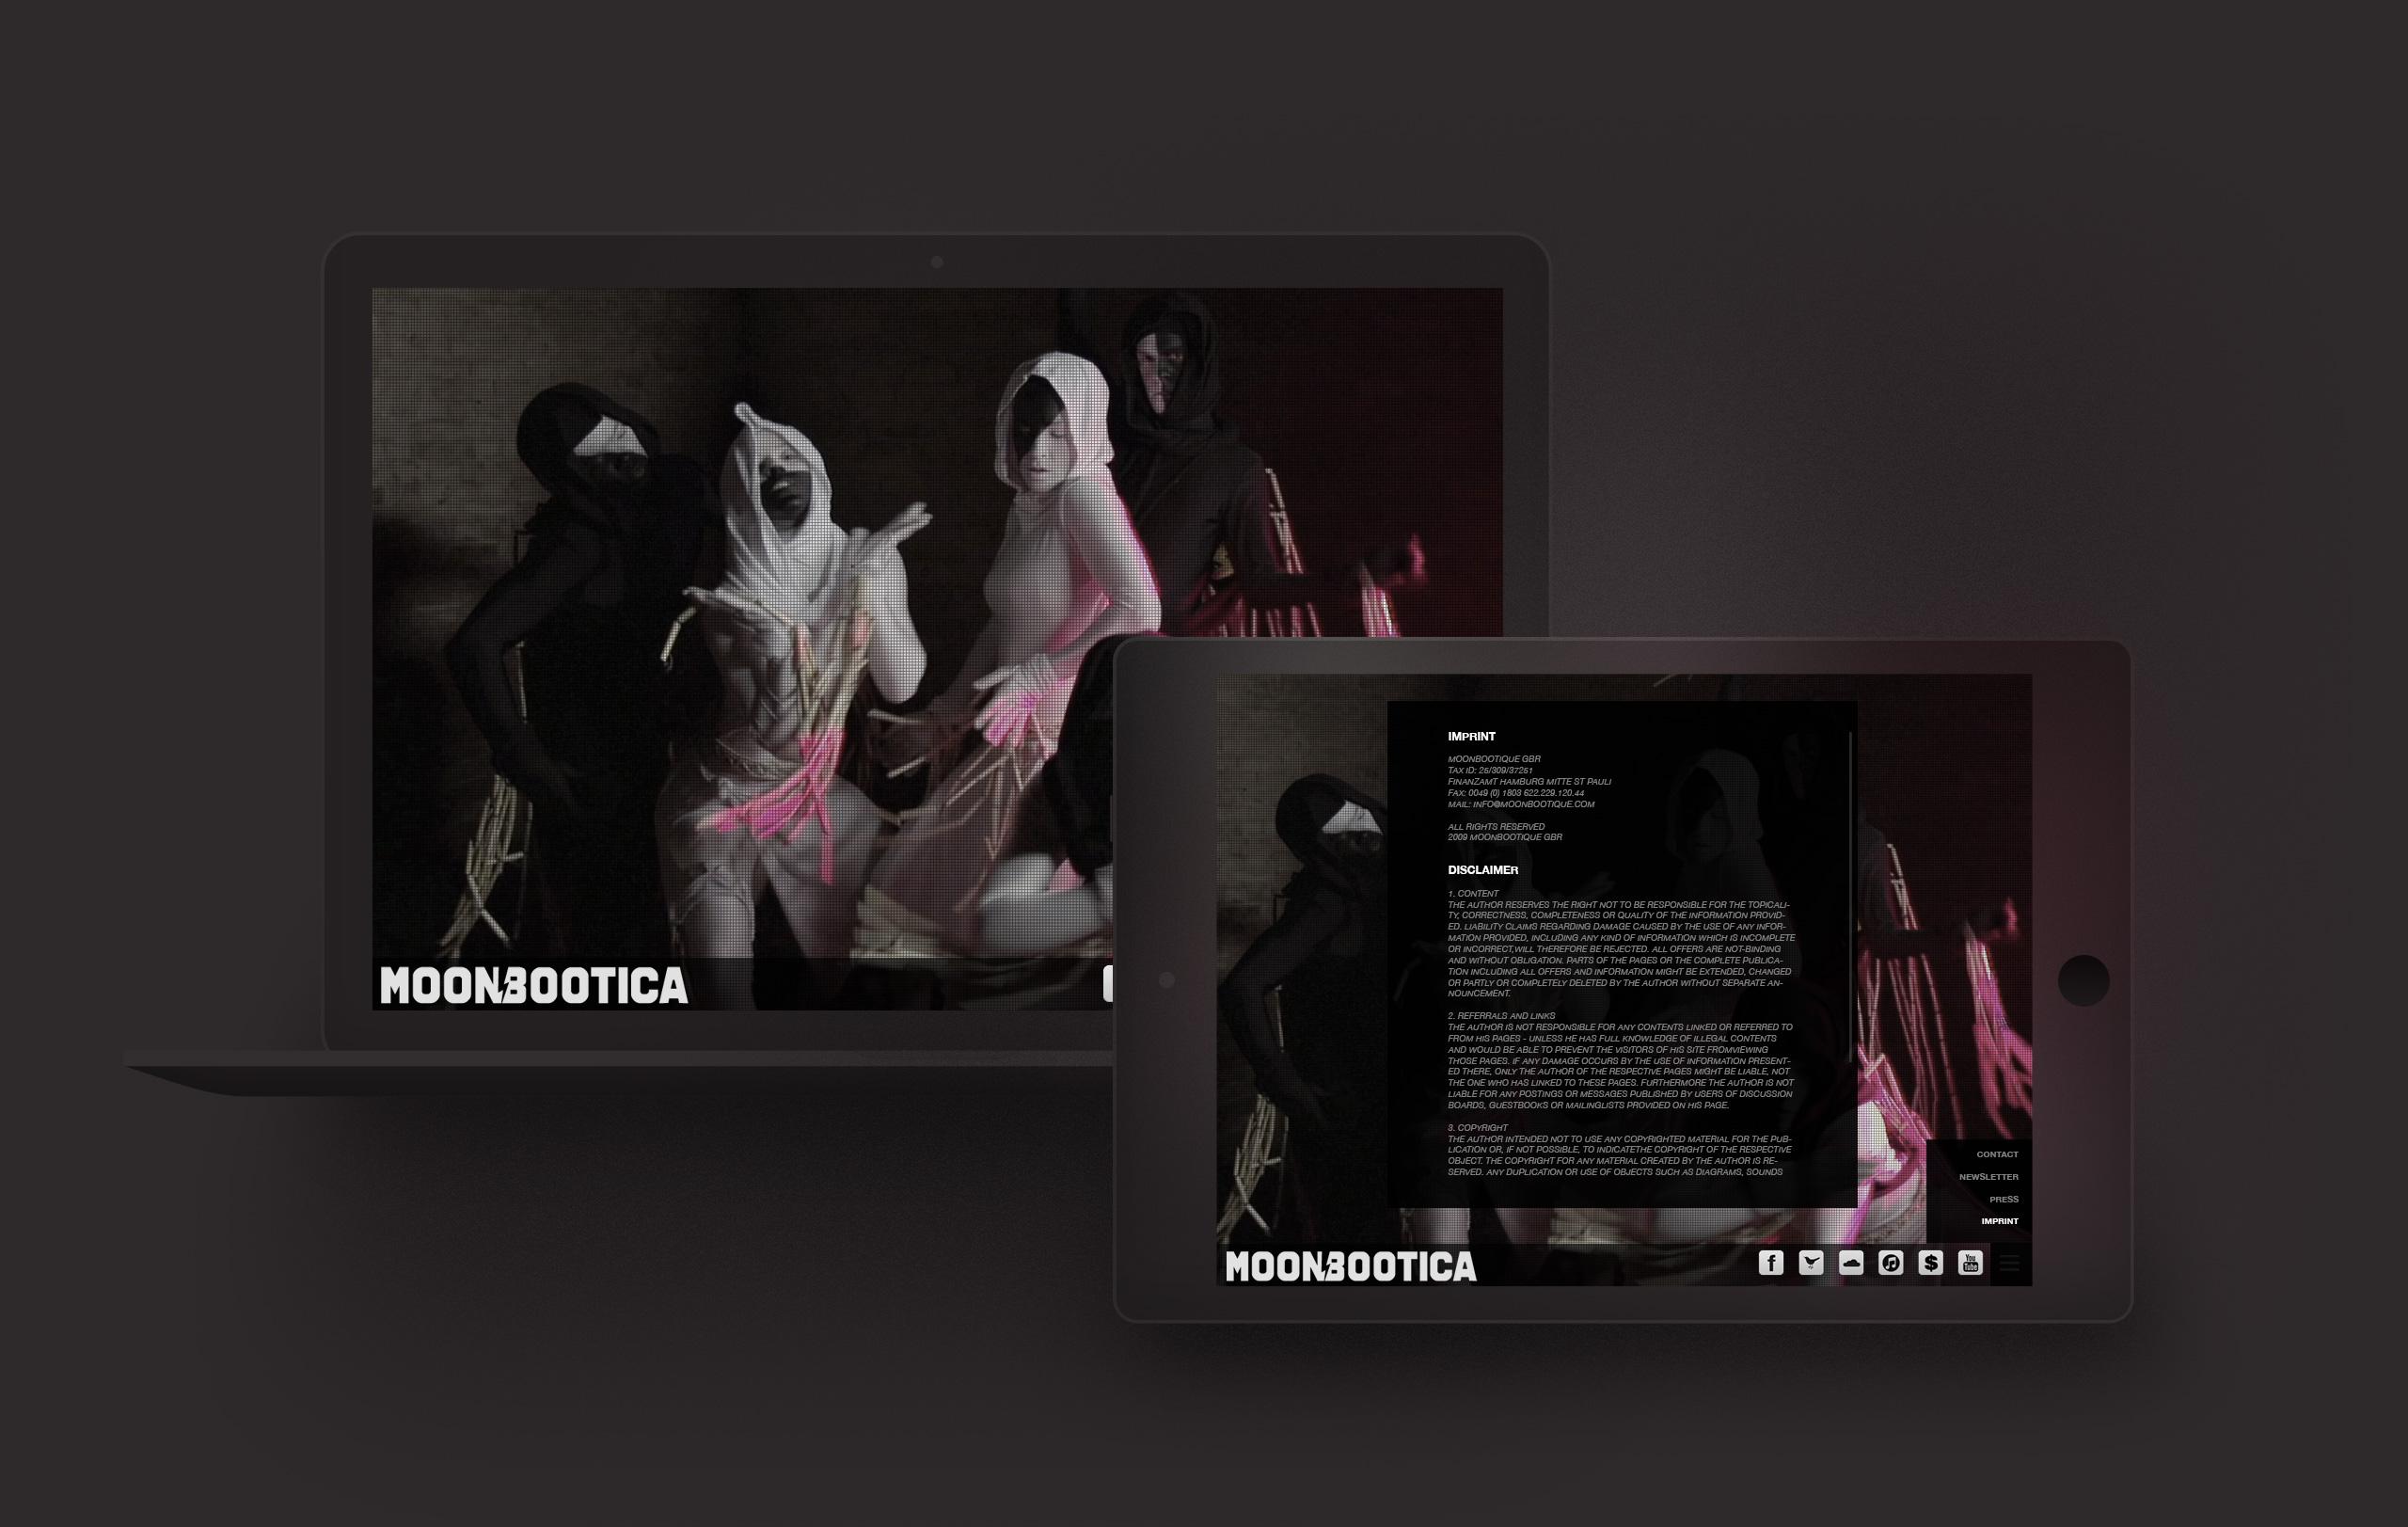 blokstudio_moonbootica_website_devices_09